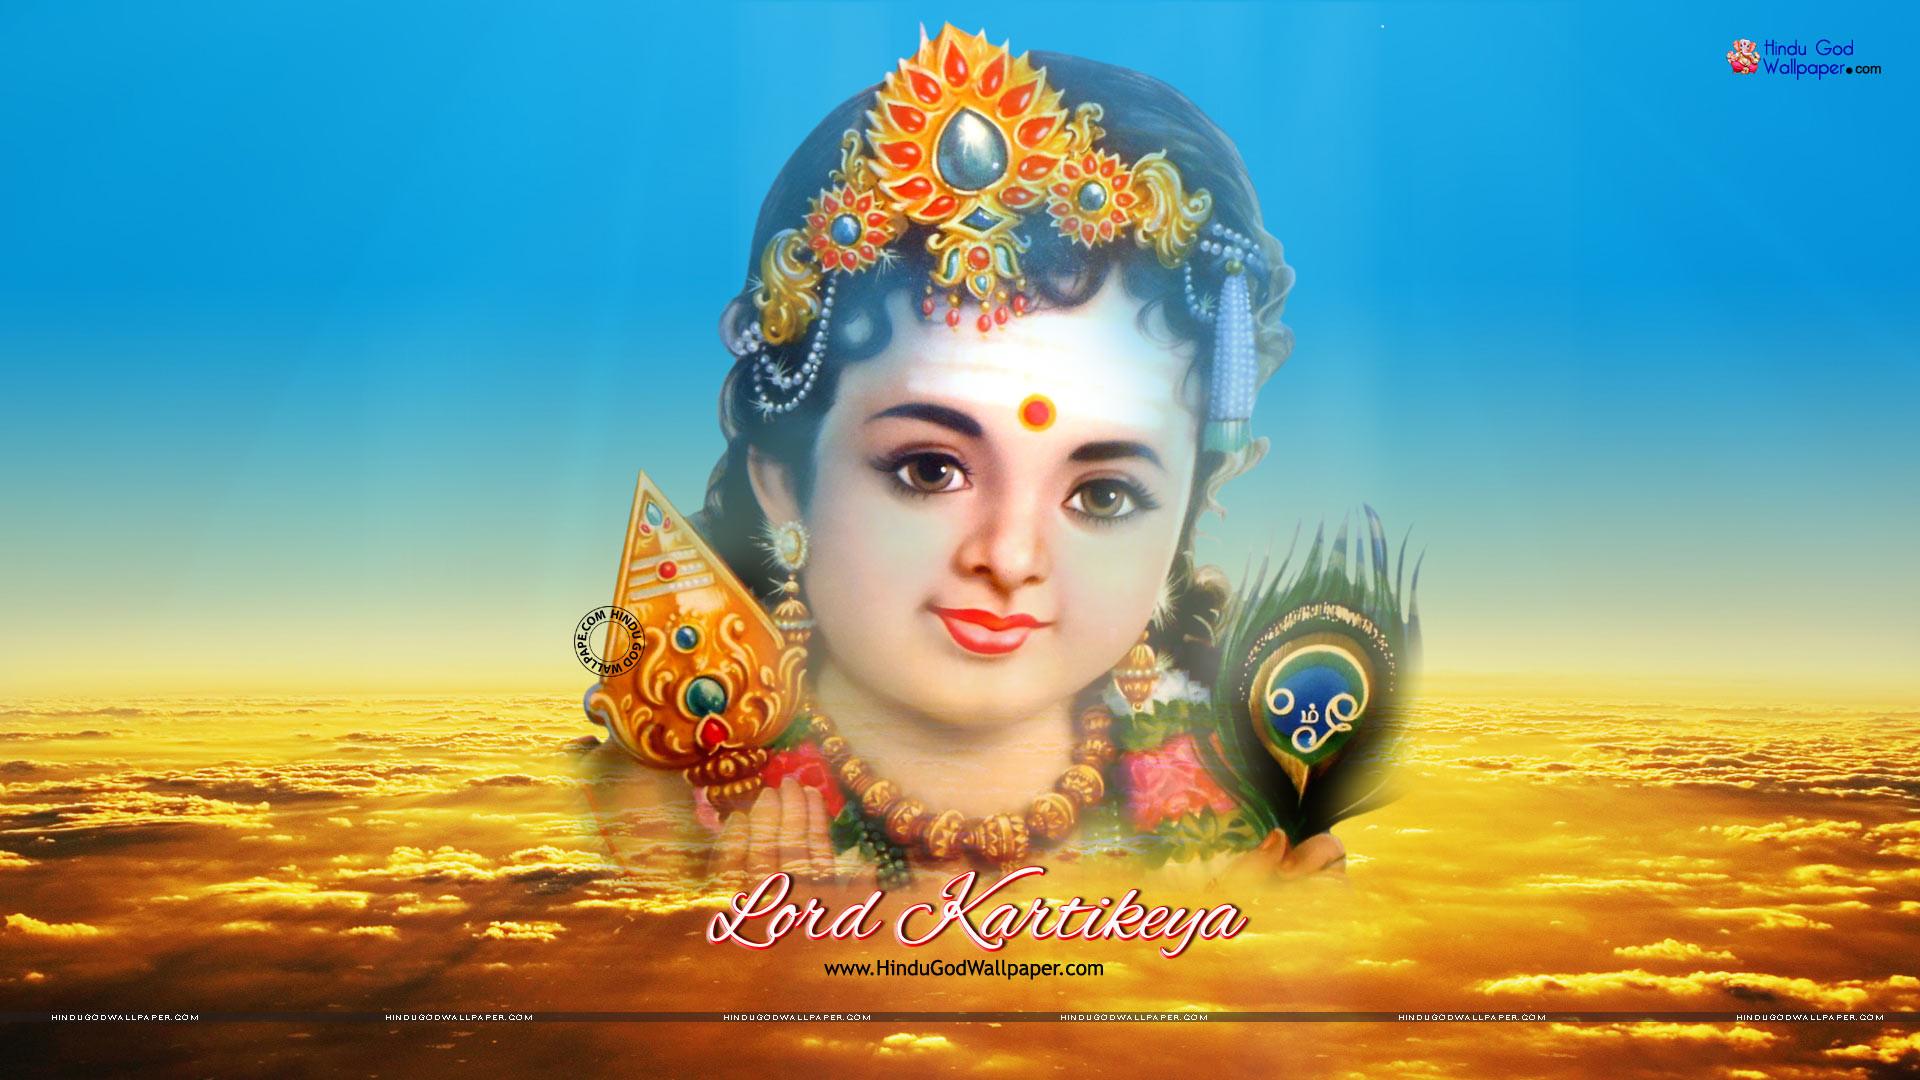 X Lord Kartikeya Hd Wallpaper P Full Size Download